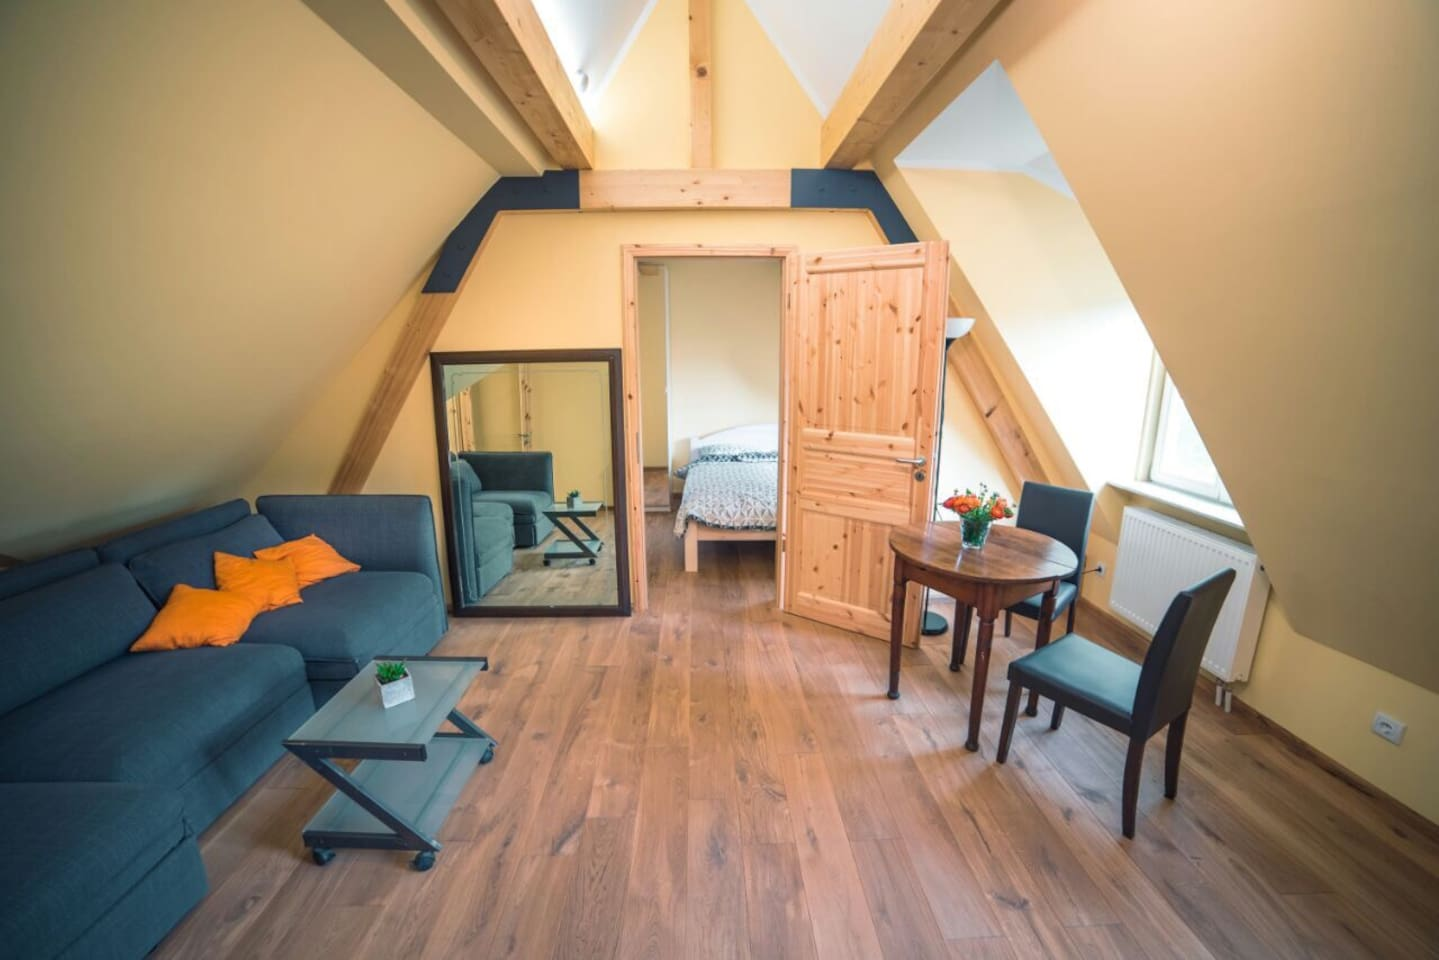 Wohnzimmer mit Schlafsofa und dahinter liegendem Schlafzimmer